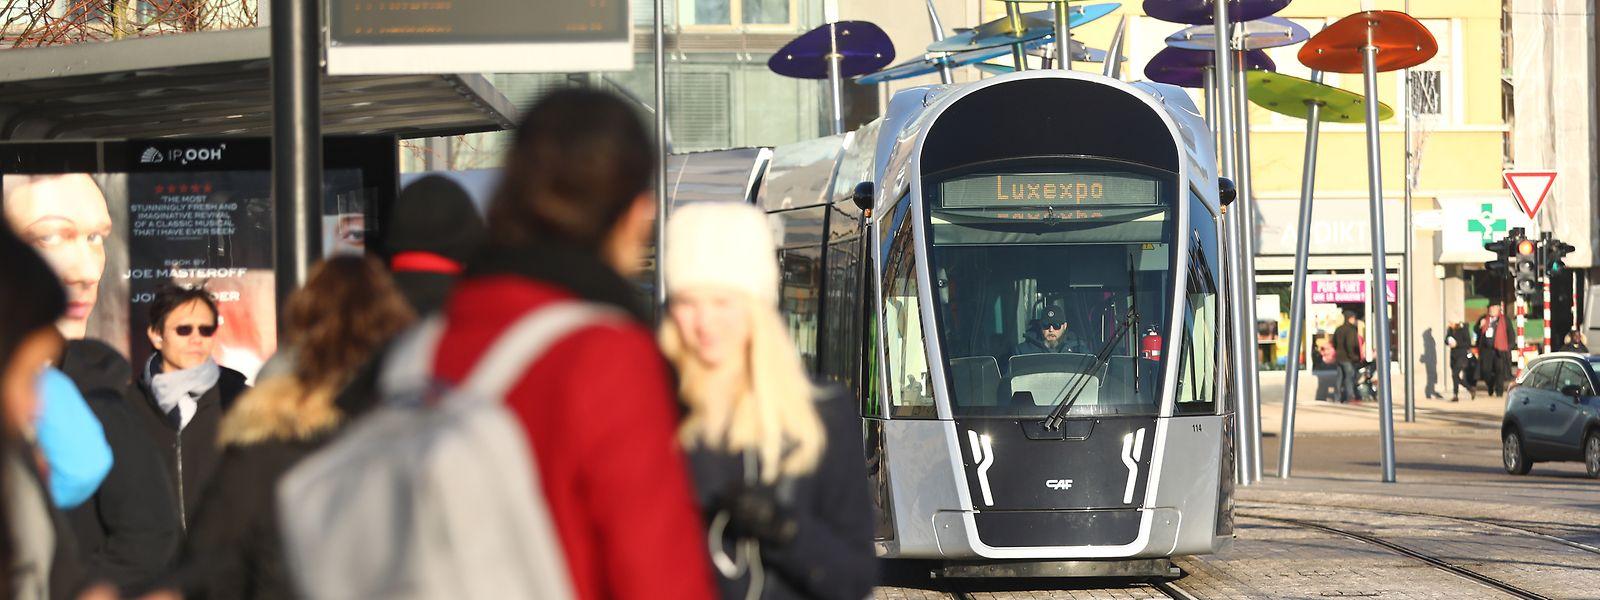 Près de 80% des personnes circulant sur le pays n'emploient pas encore de transports en commun.